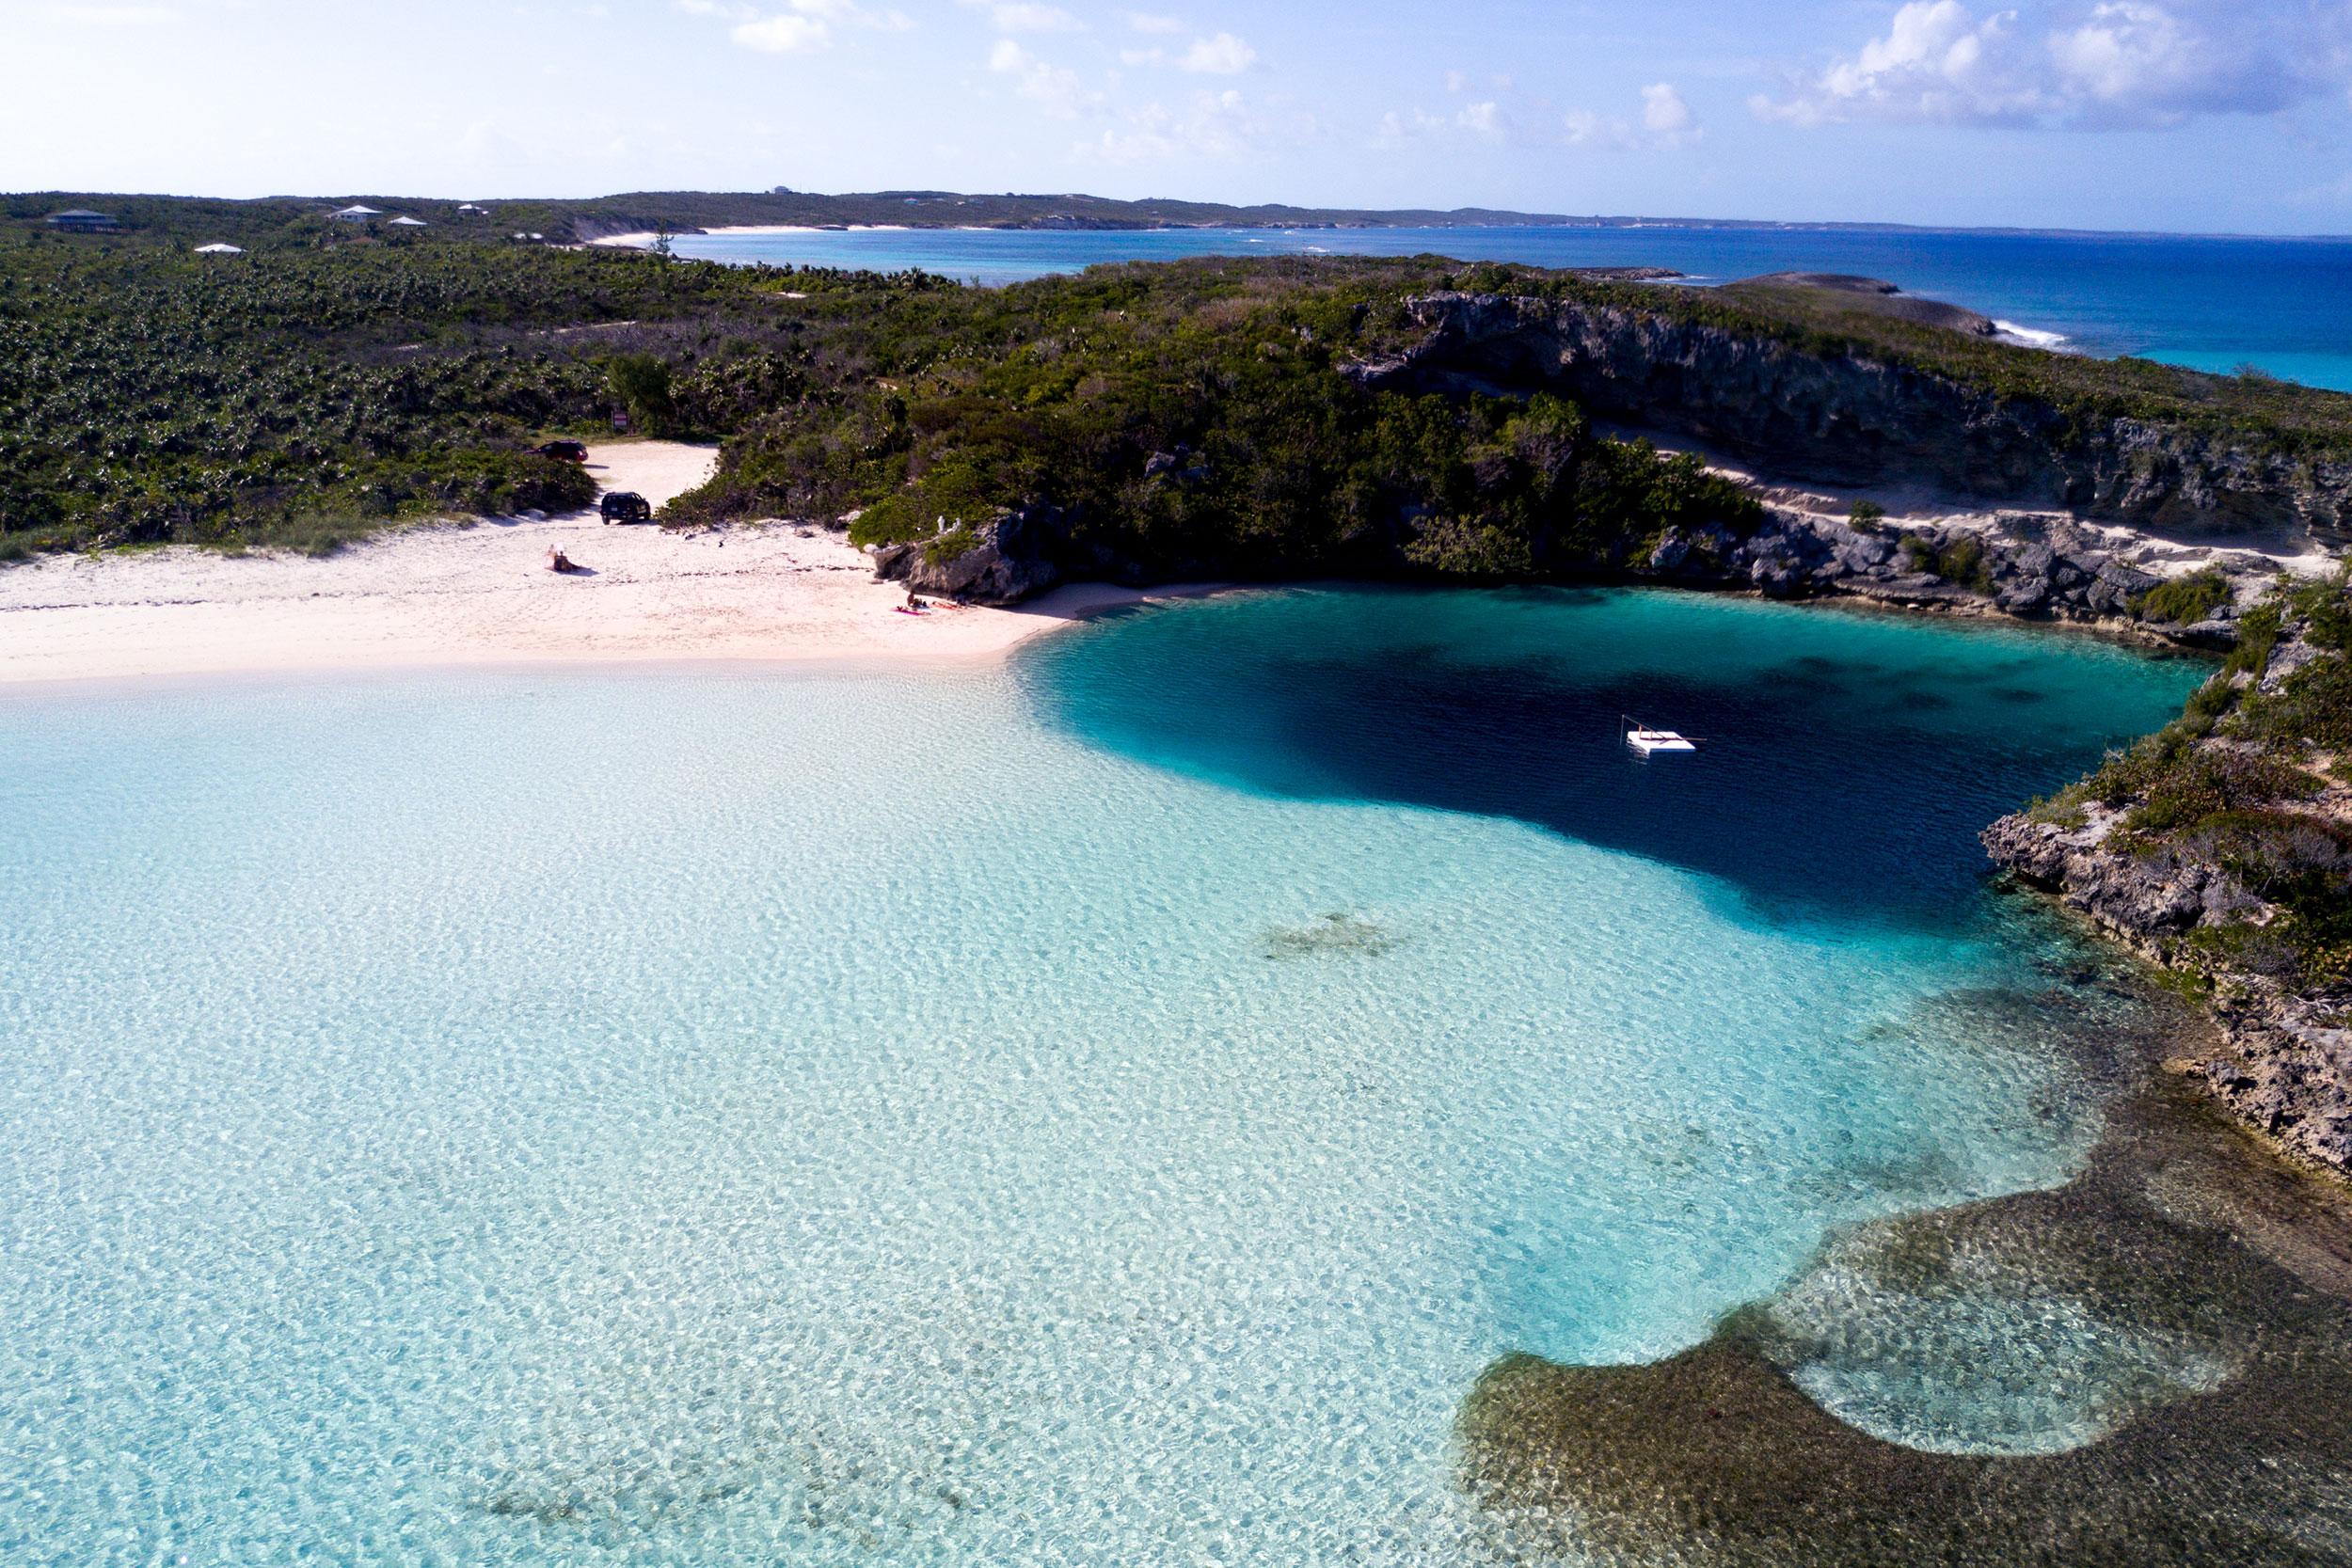 Travel_StudioM_Bahamas-13.jpg